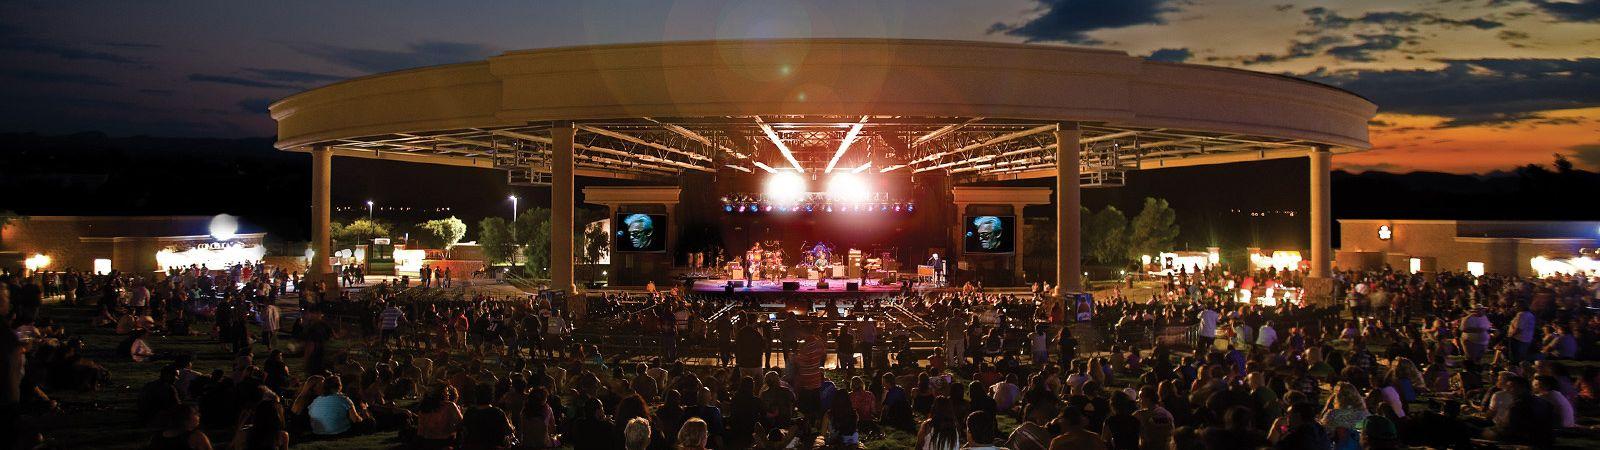 Casino del sol concerts 2018